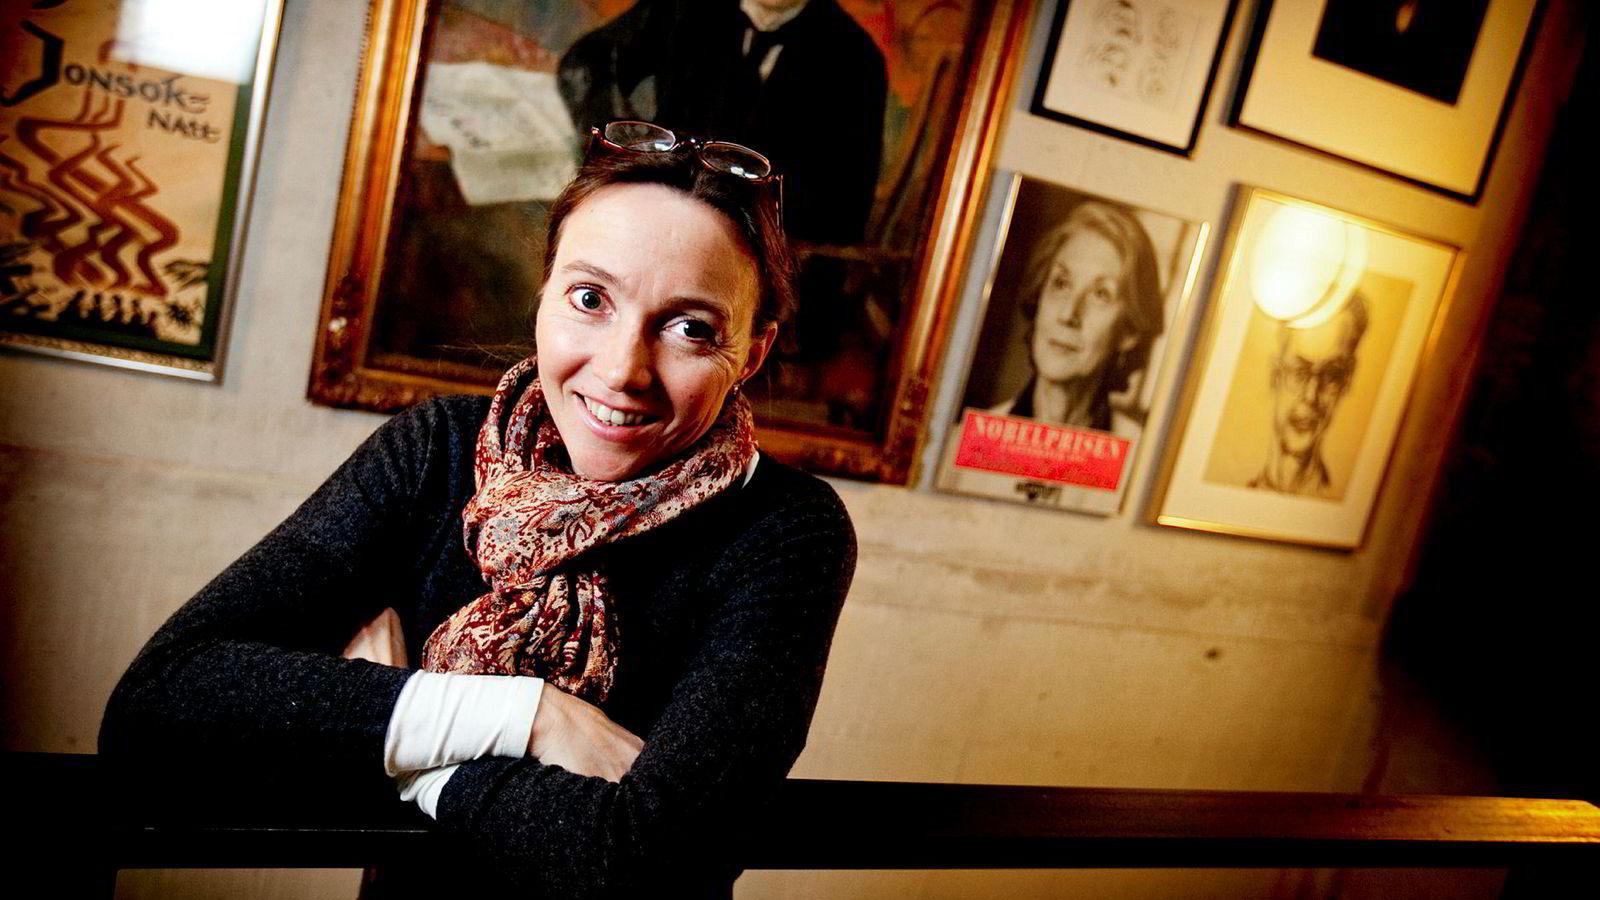 Ingrid Eia Ryvarden, nåværende sakprosaredaktør i Gyldendal, har jobbet med bøker hele sitt liv.